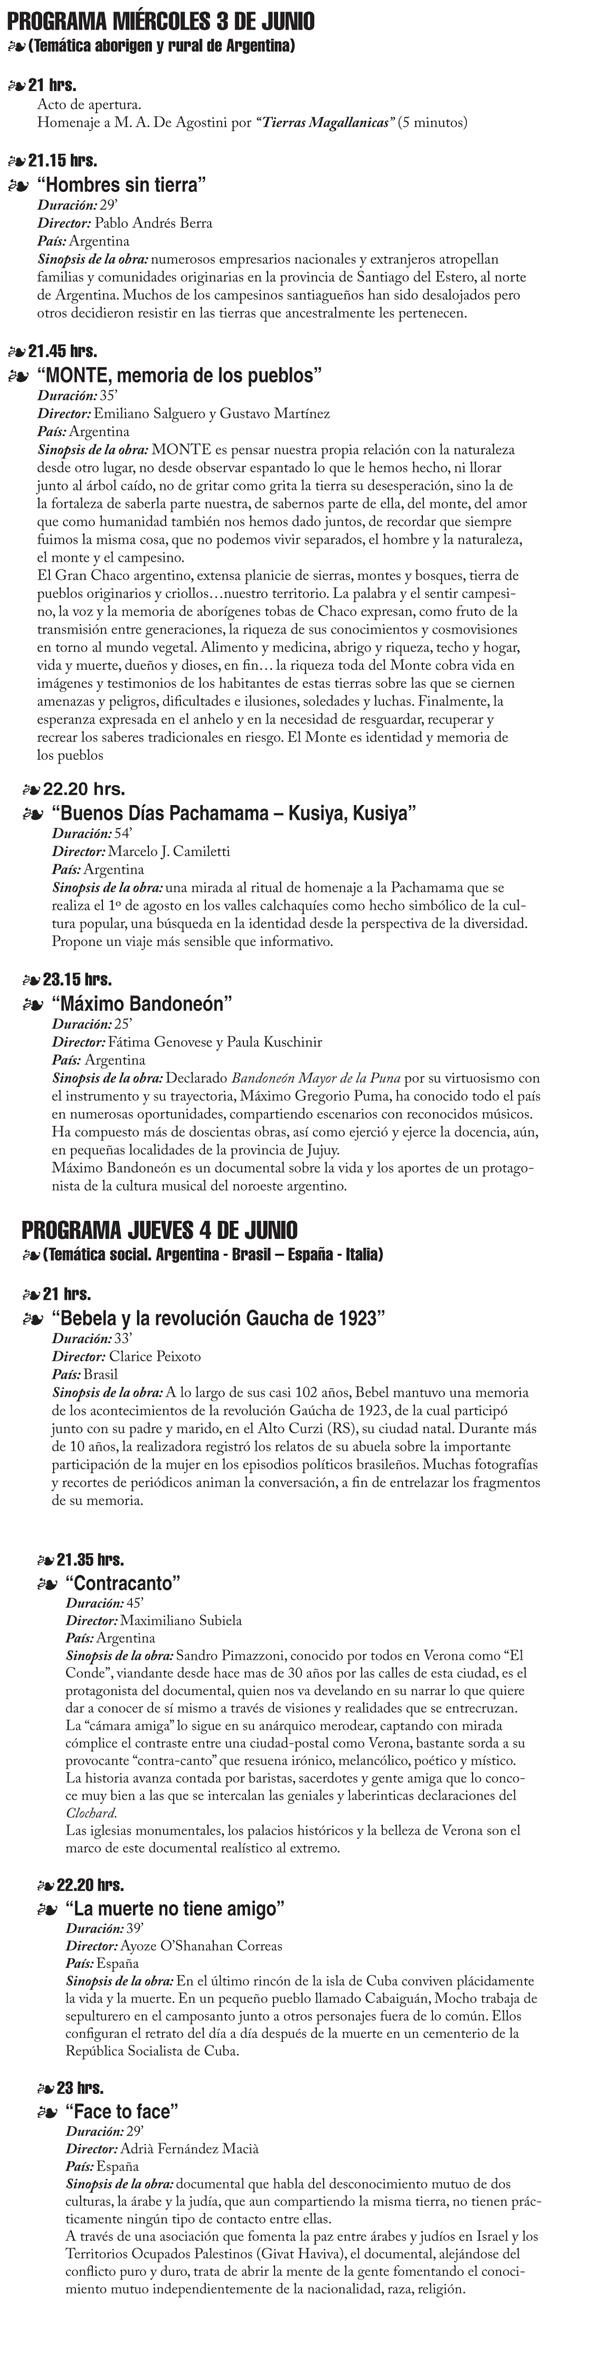 programa documentales ETNOGRAFICOS 2009.indd